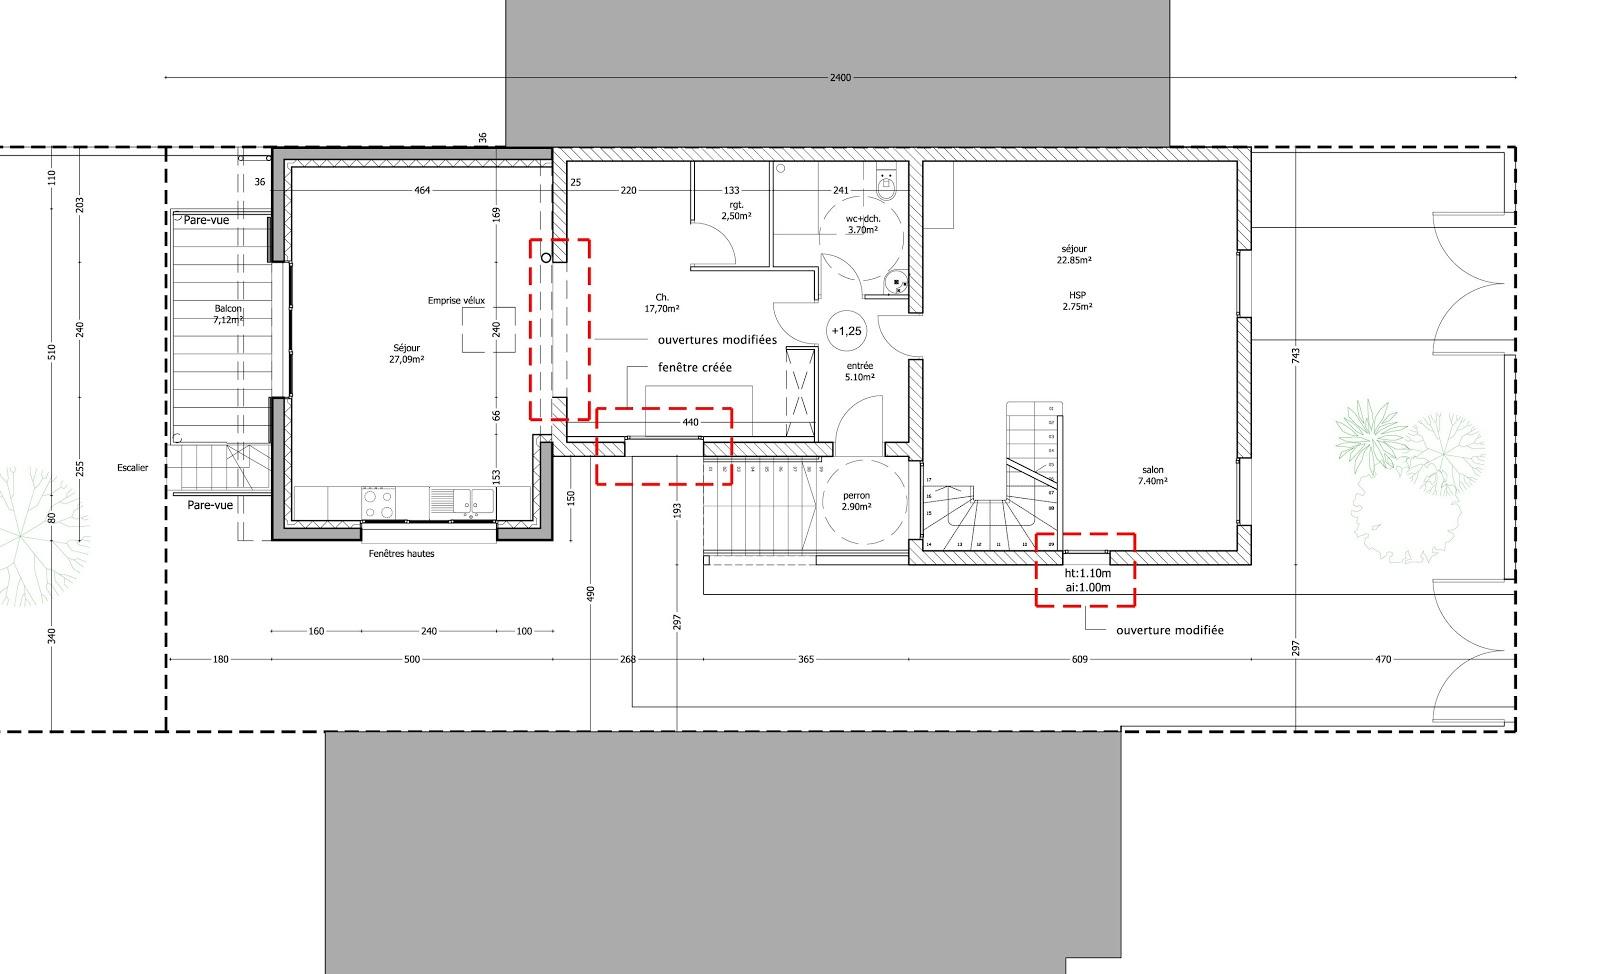 Richard tolouie architectes maison g extension gagny 93 for Extension maison 93